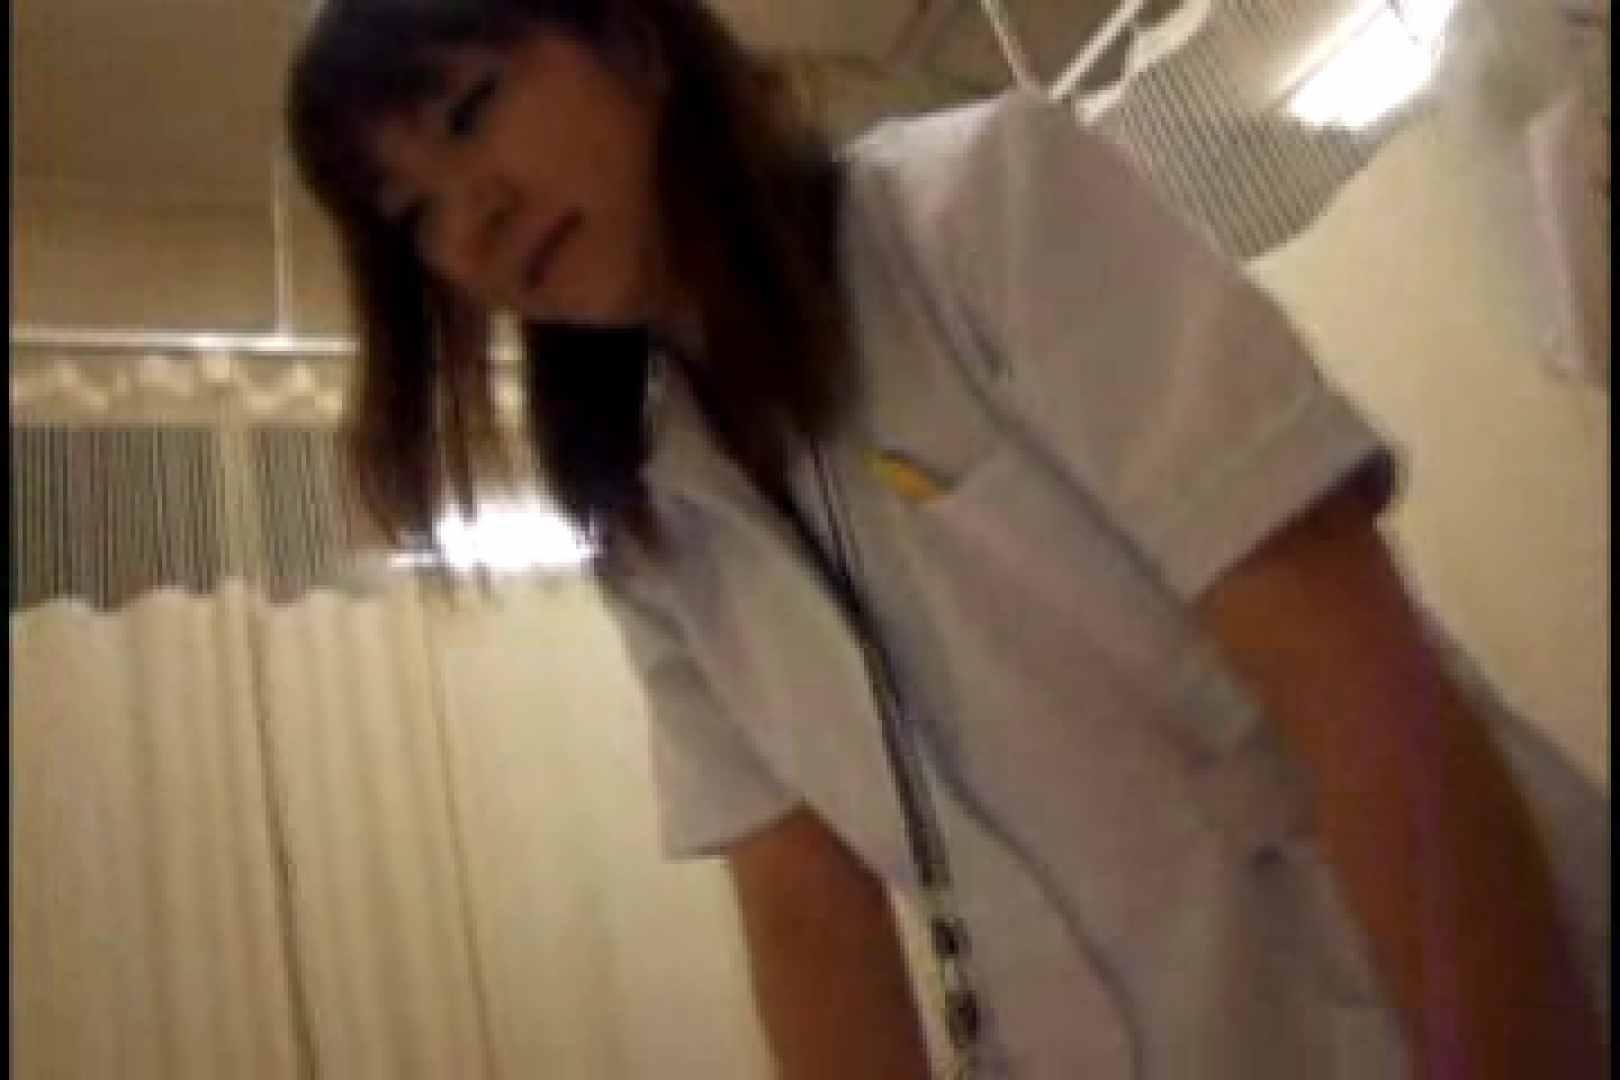 ヤリマンと呼ばれた看護士さんvol1 綺麗なOLたち おまんこ無修正動画無料 71枚 32